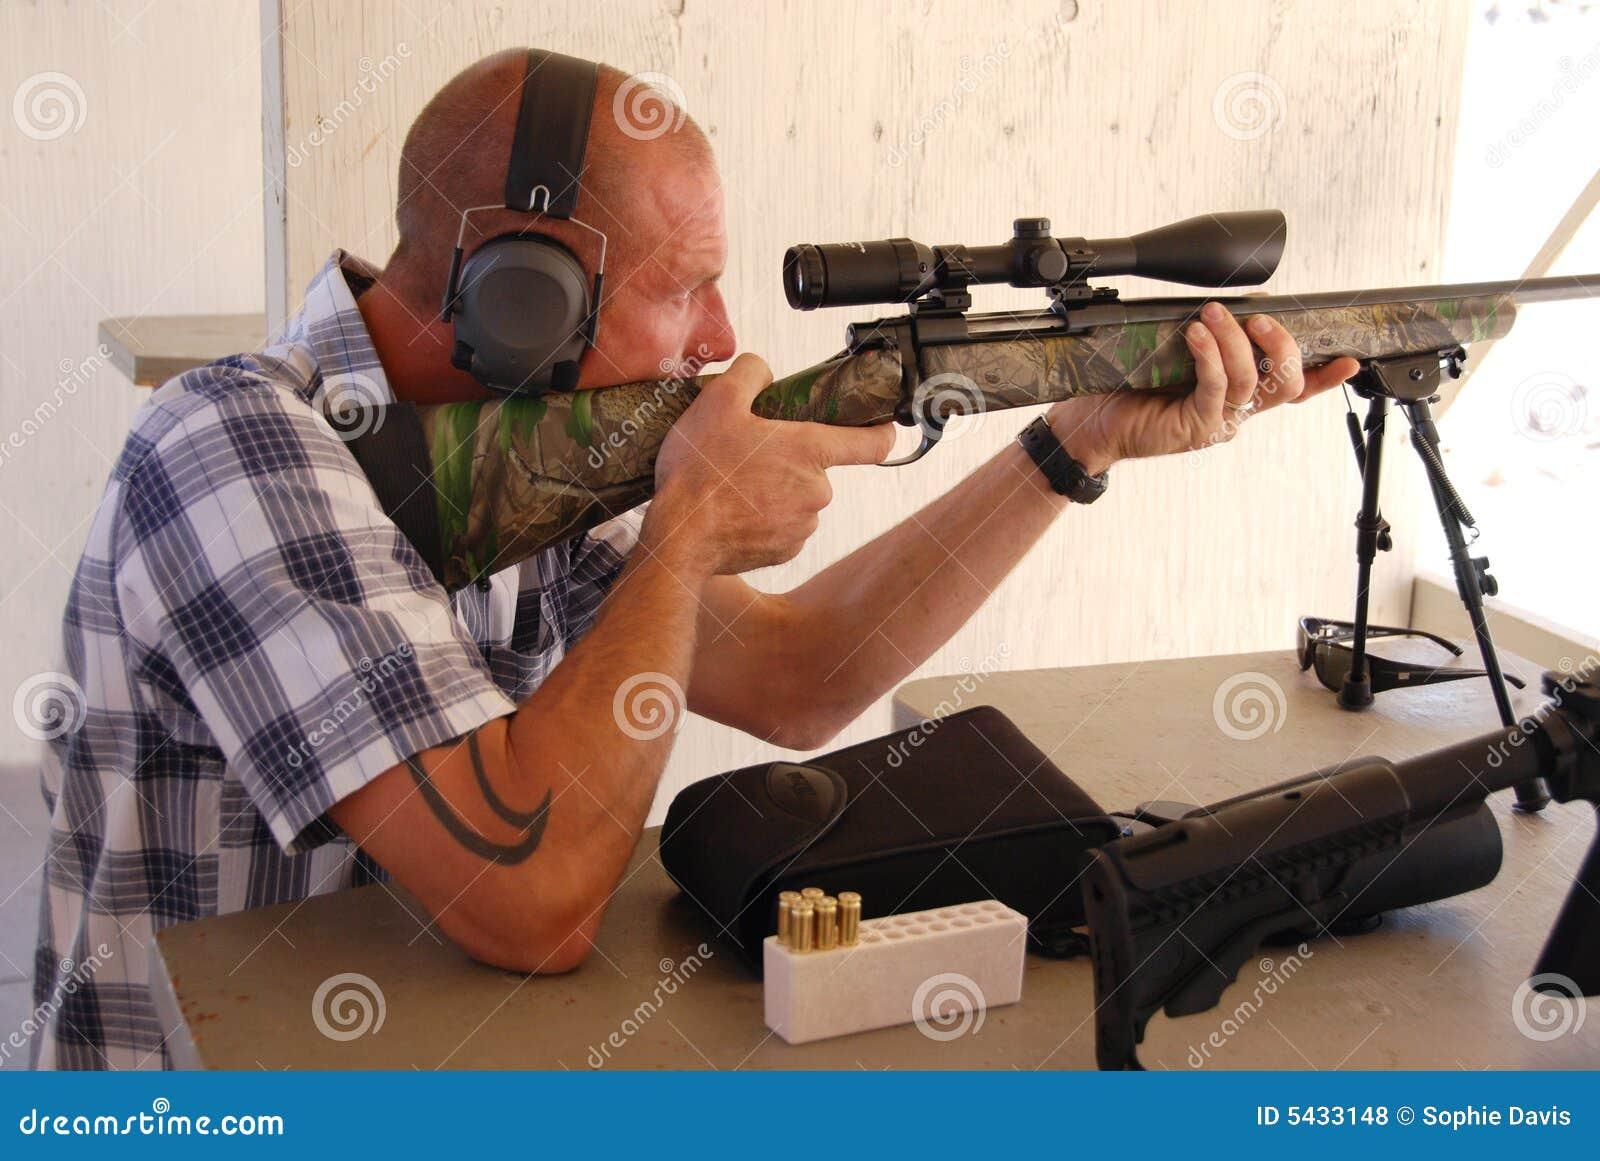 人步枪射击狙击手